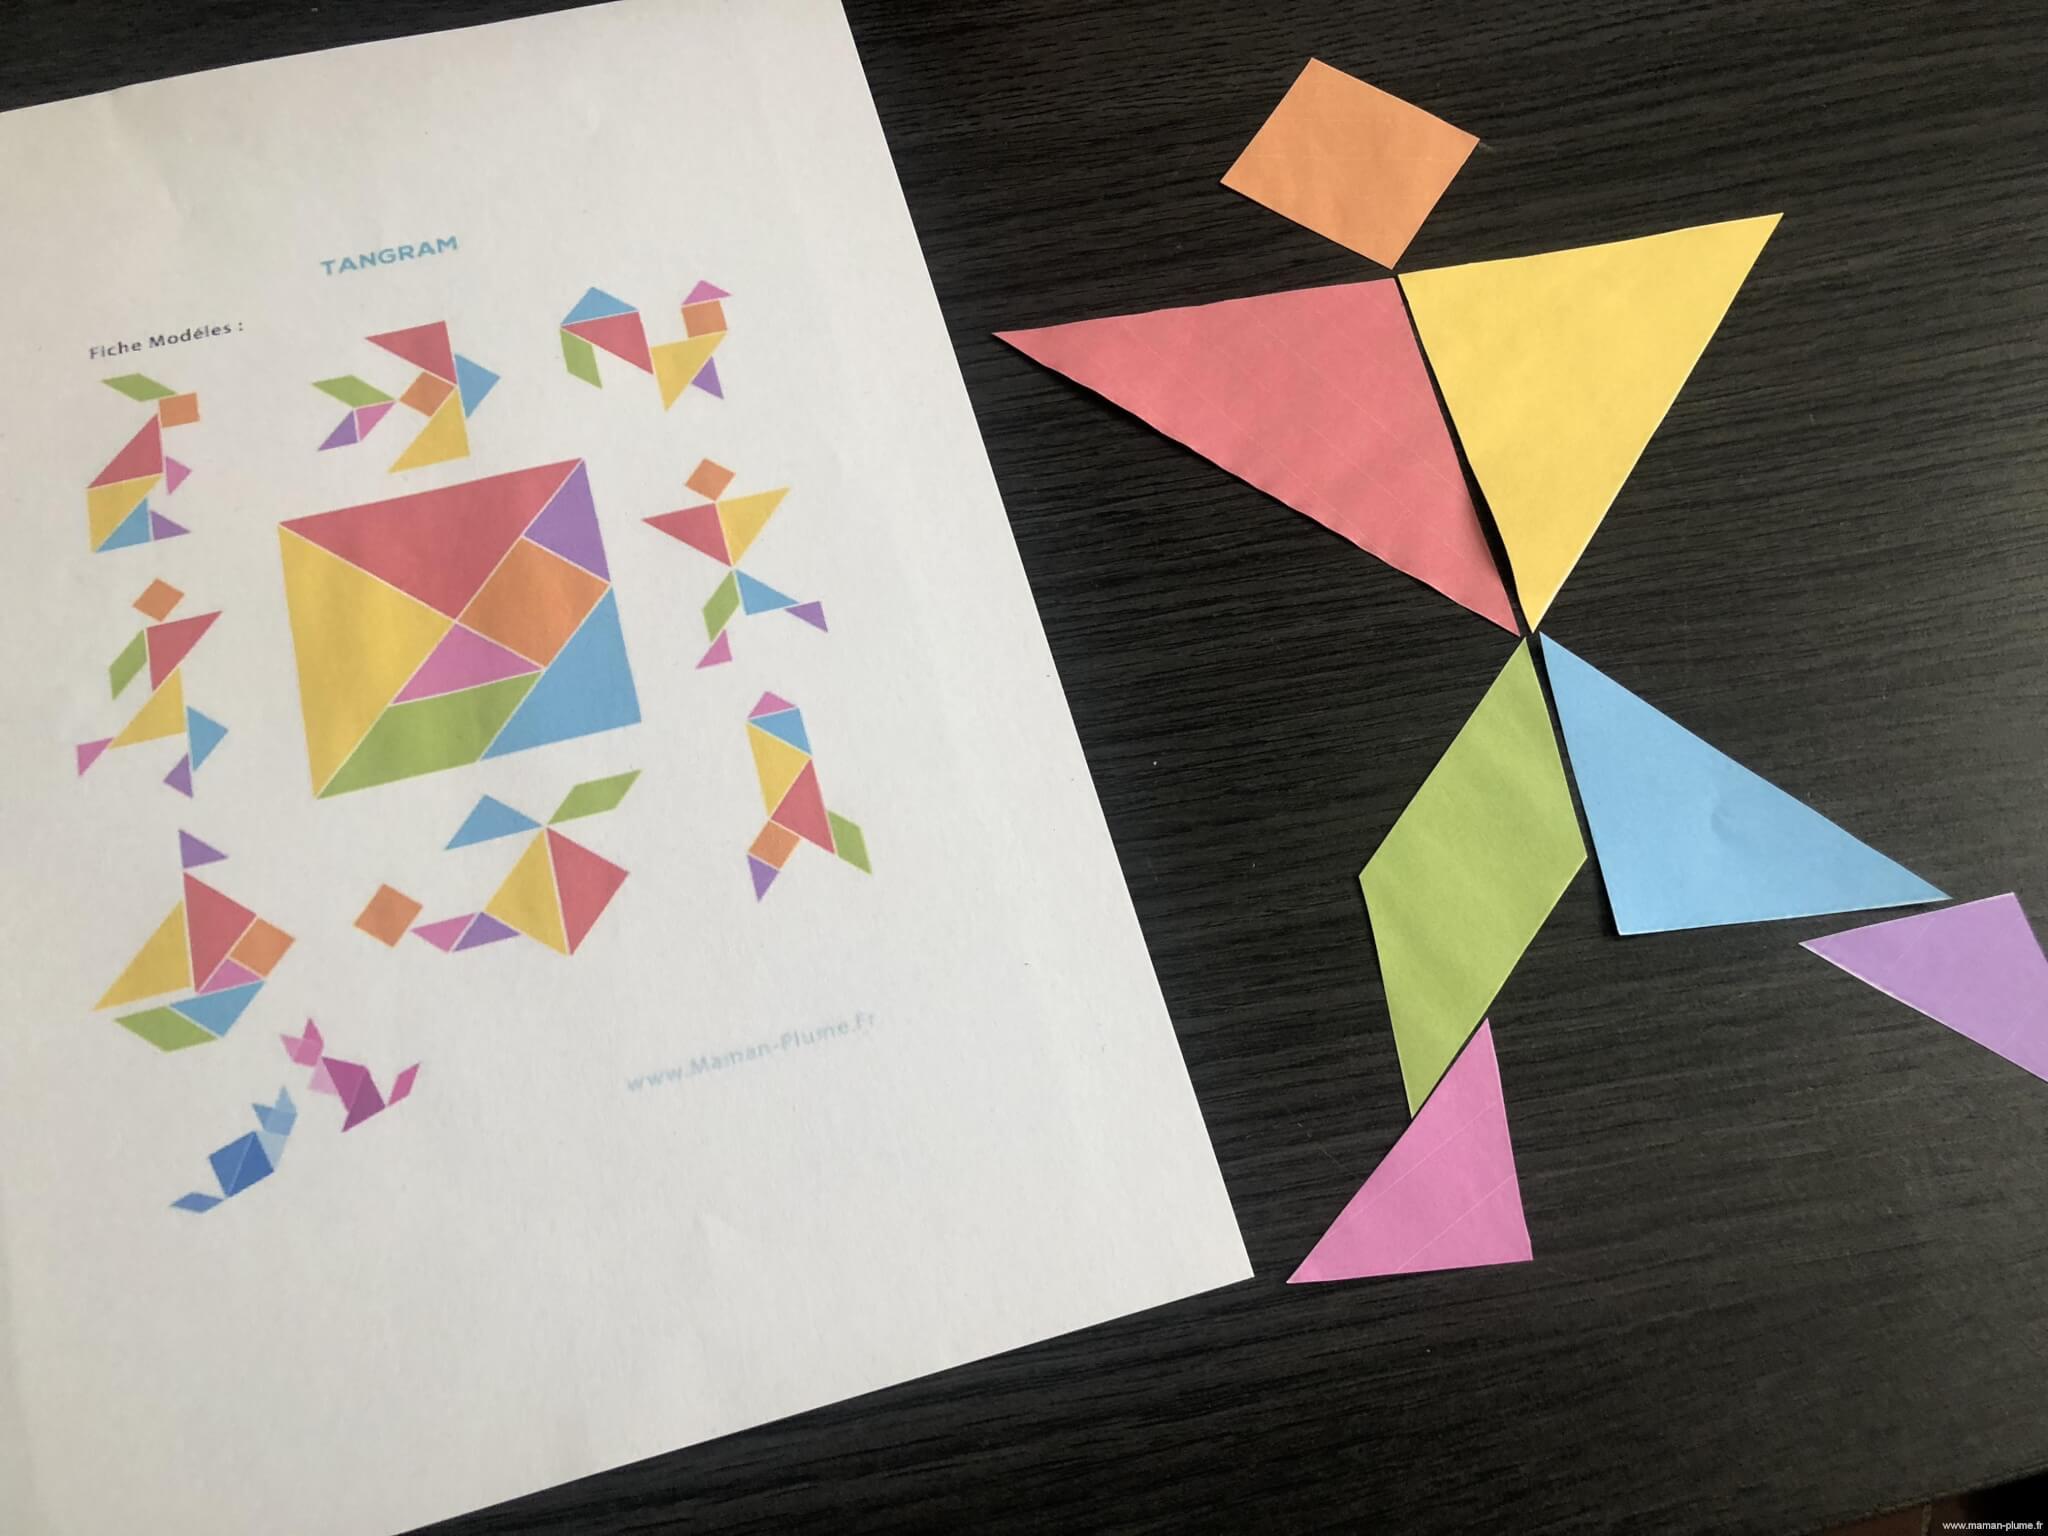 Diy, Mon Jeu De Tangram À Imprimer | Le Blog De Maman Plume concernant Modèle Tangram À Imprimer